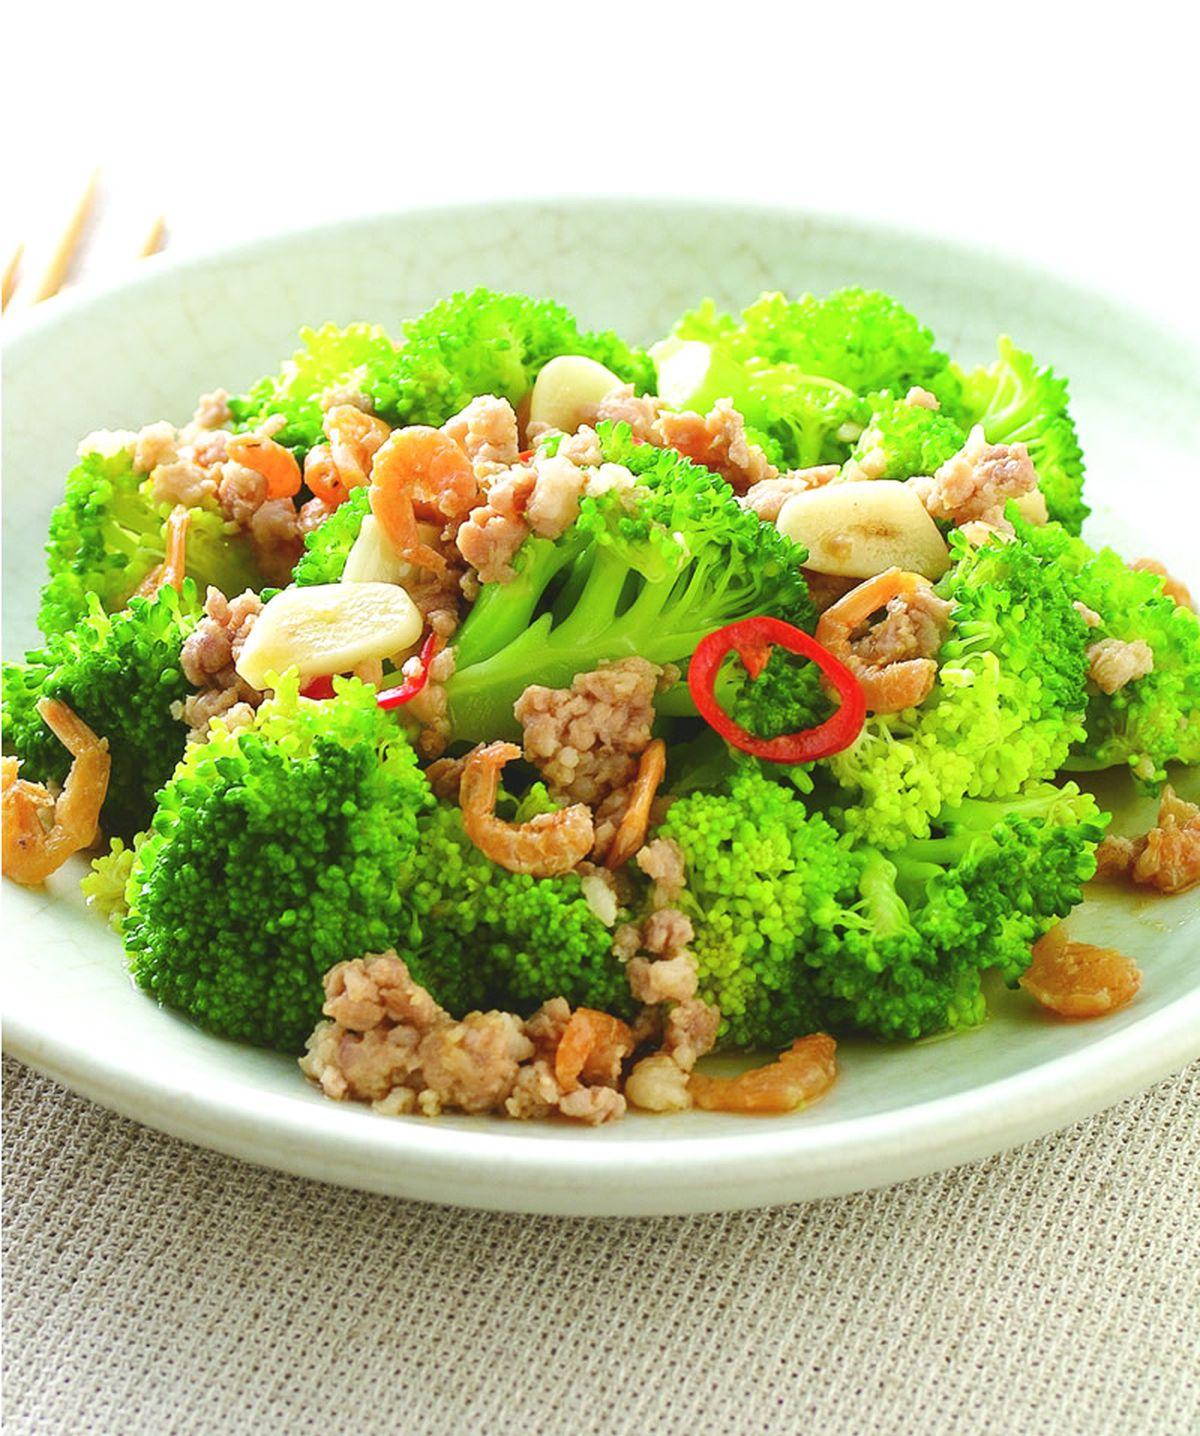 食譜:醬汁西蘭花